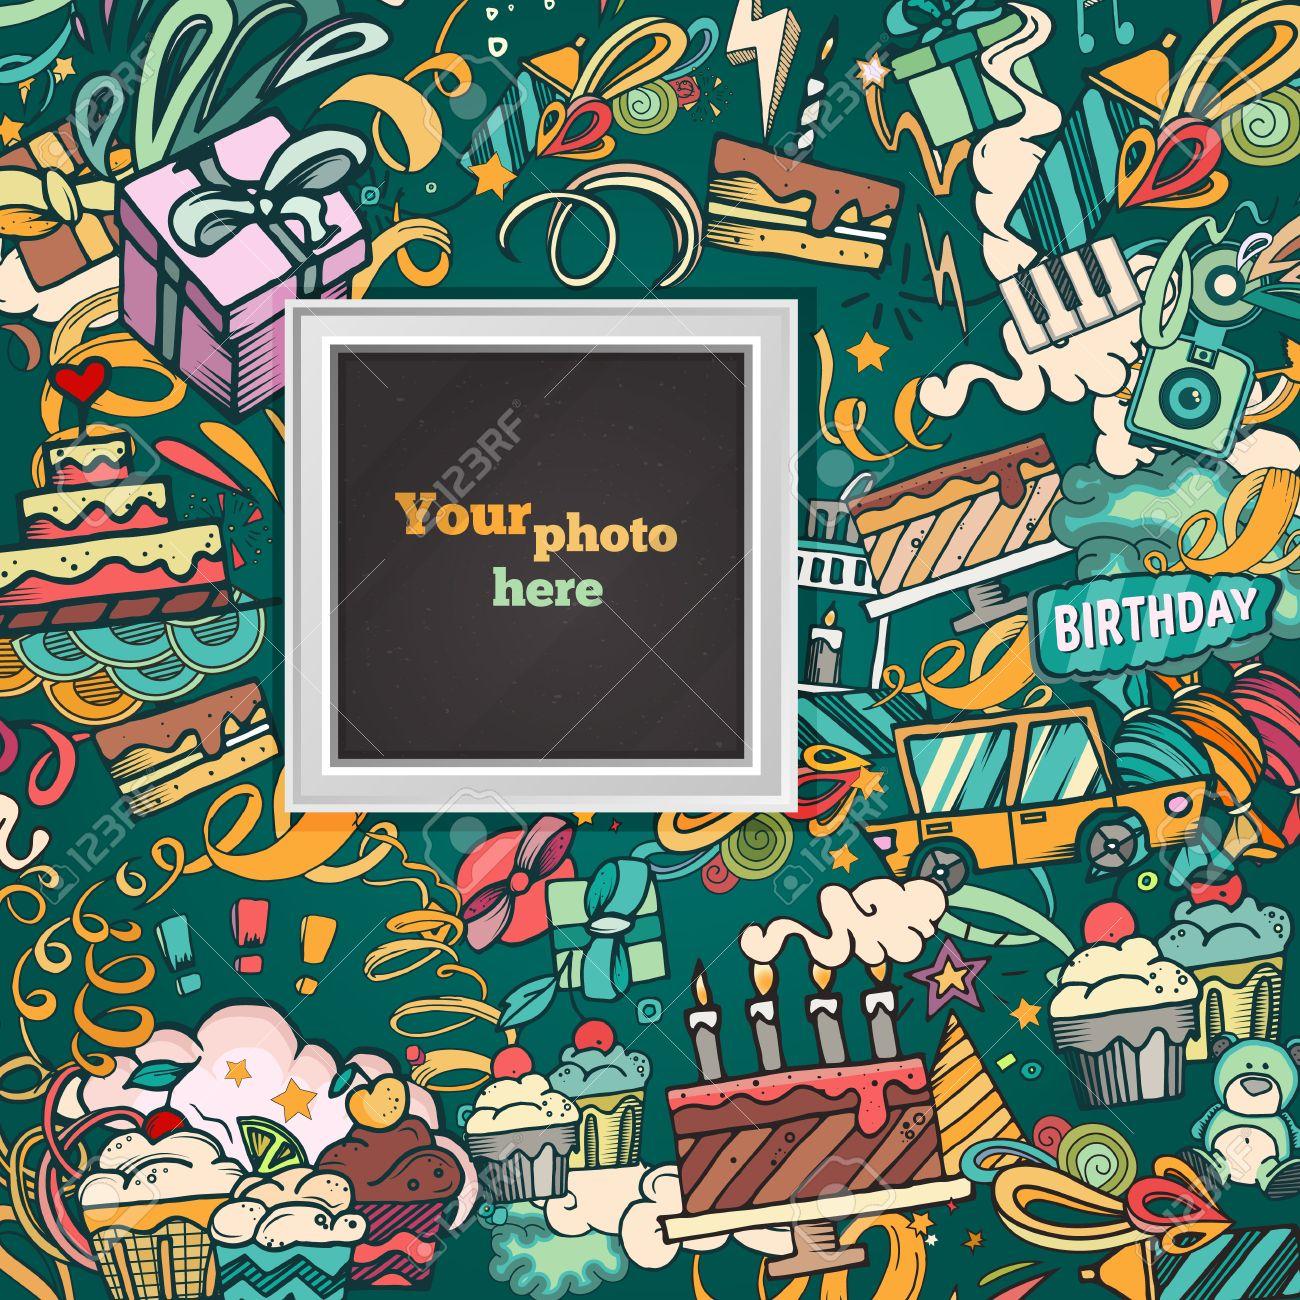 Fondo De Cumpleaños. Tarjeta Del Marco De La Foto Del Collage ...